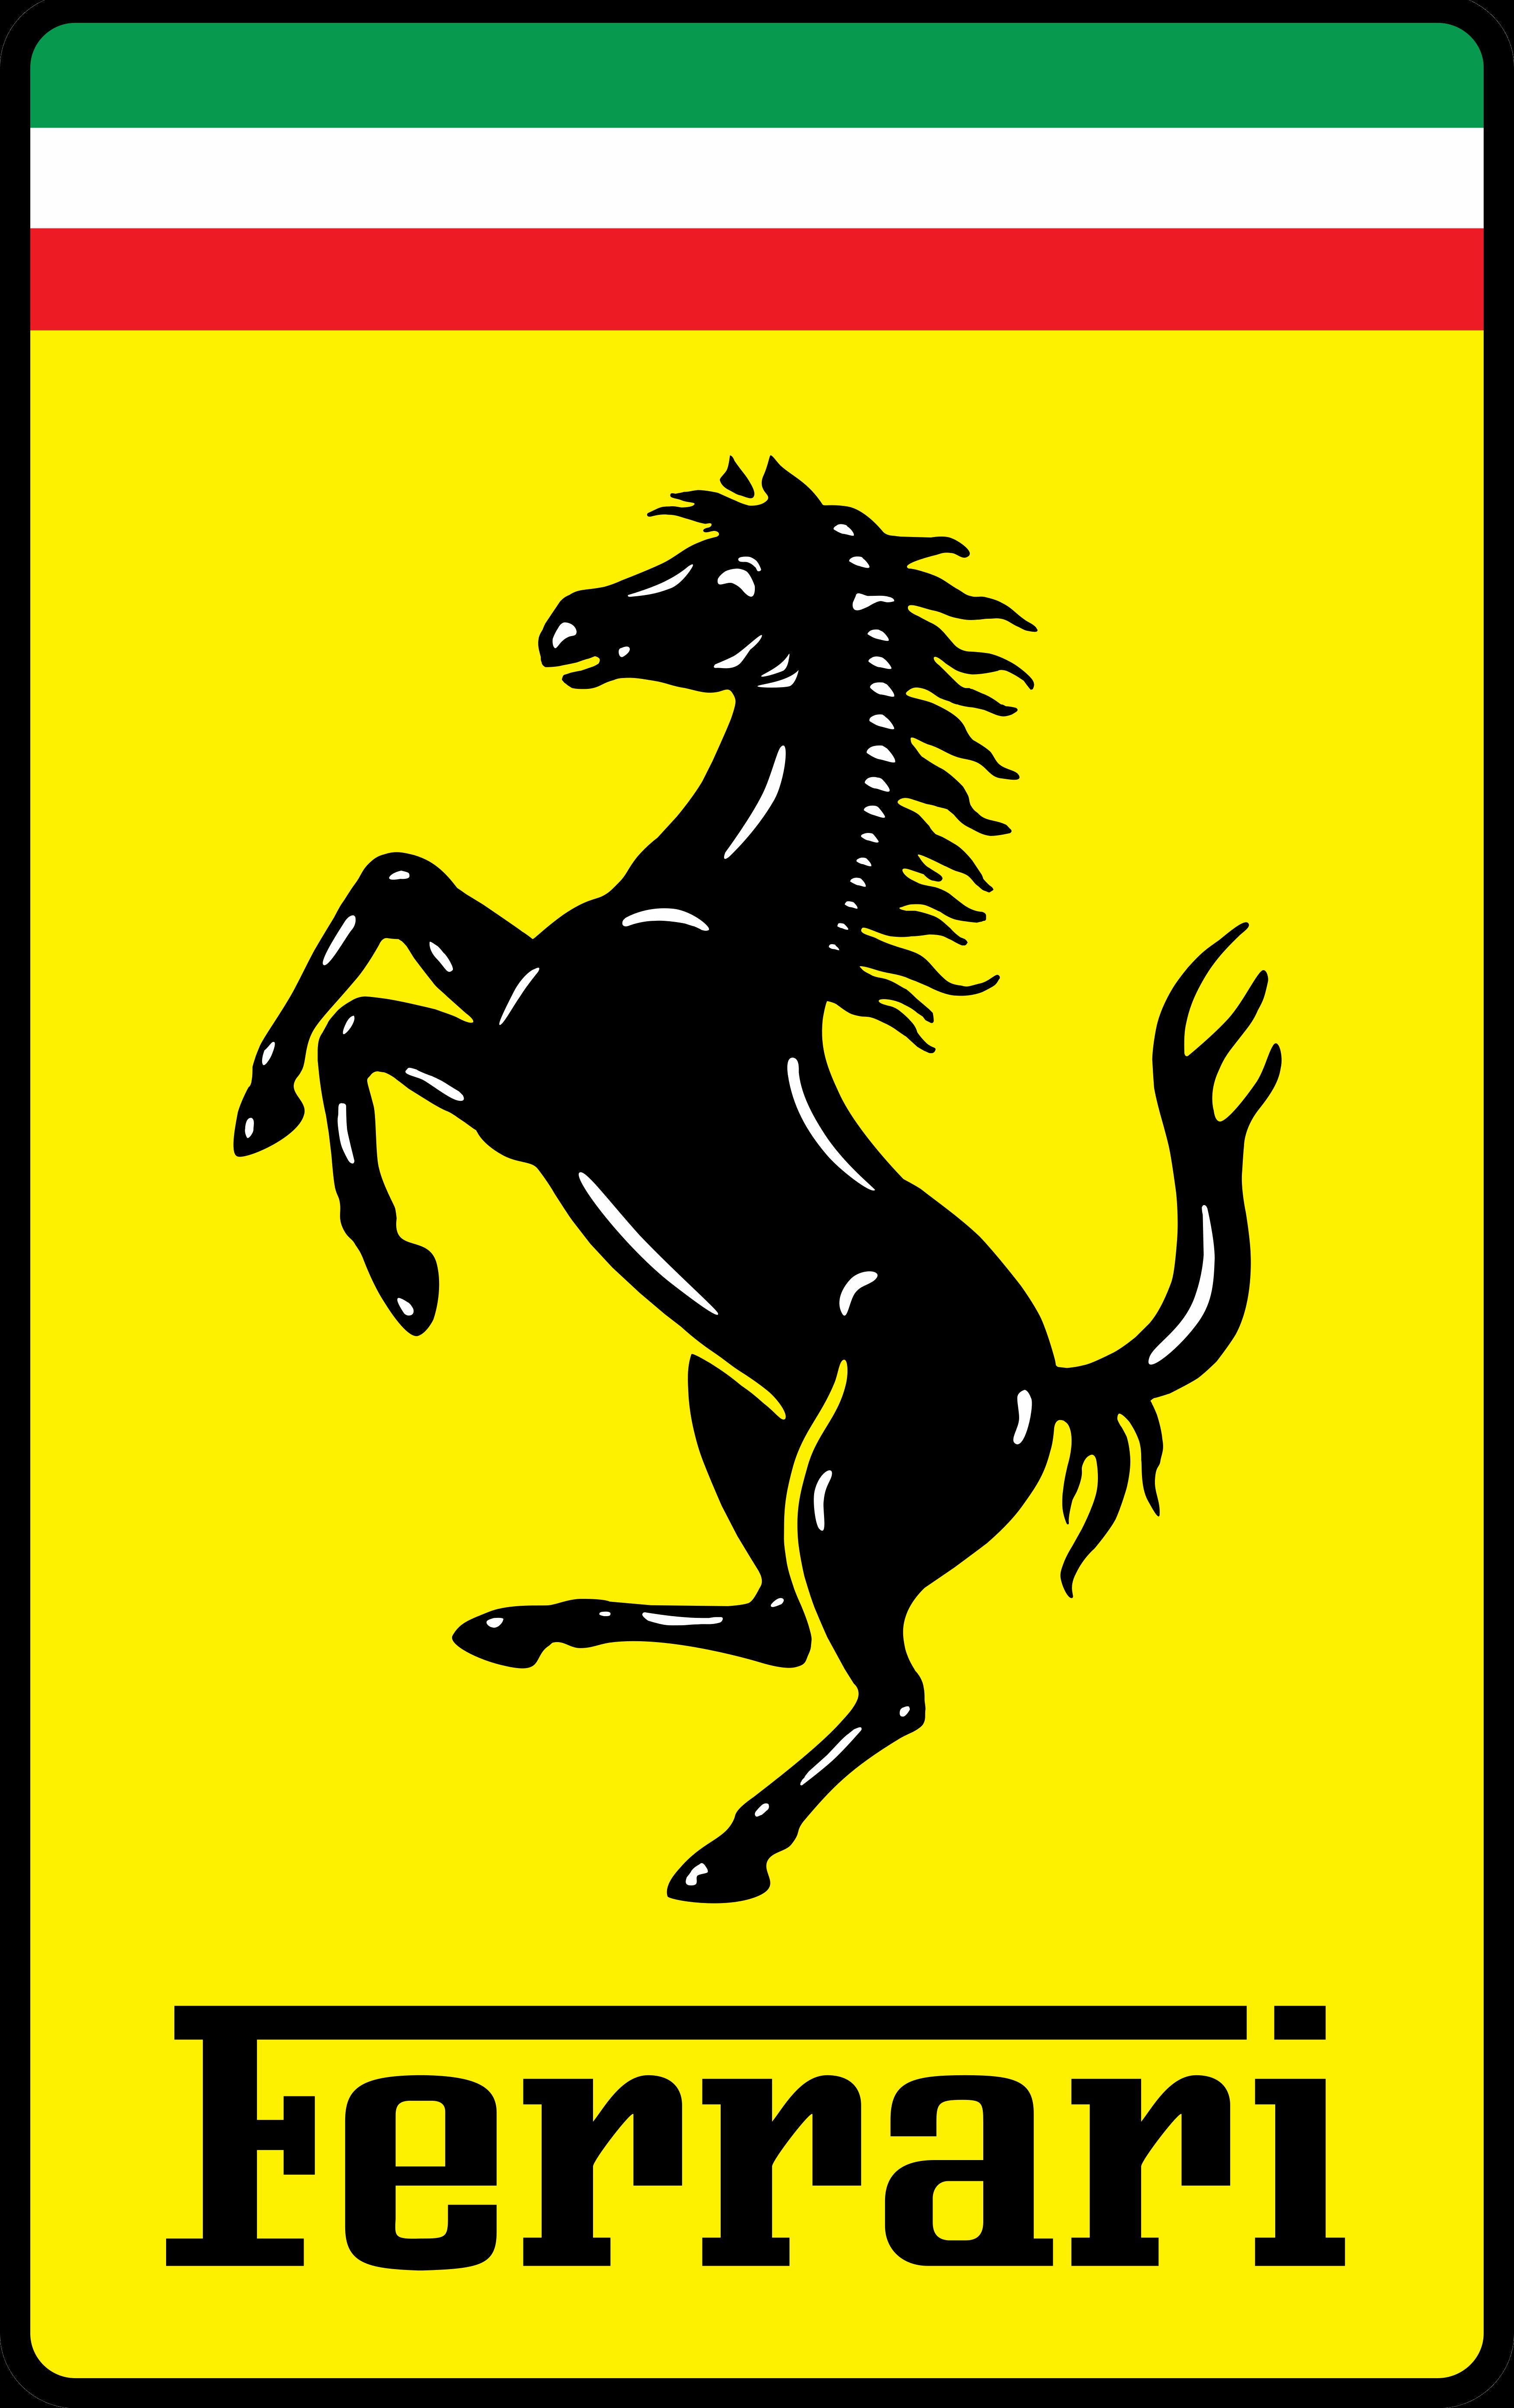 ferrari logo 25 - Ferrari Logo